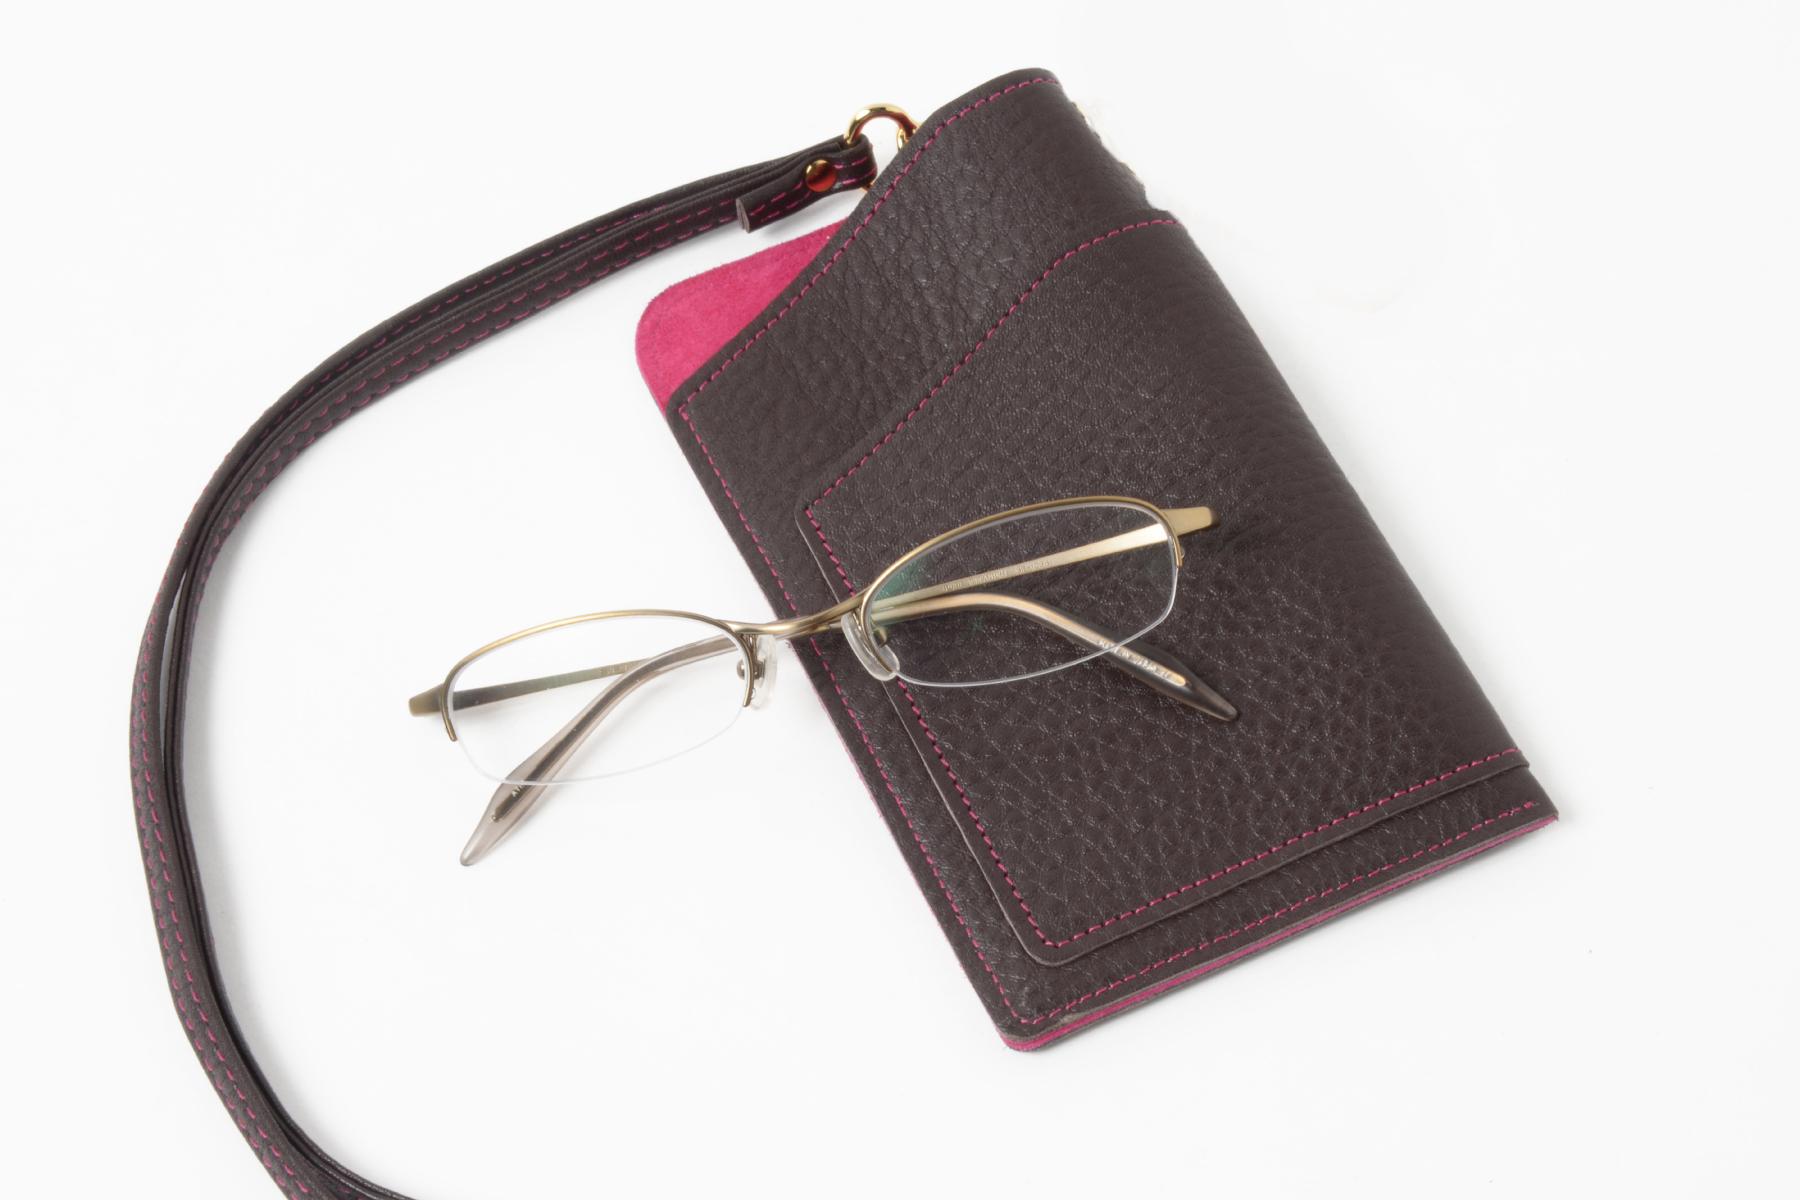 メガネを使用する女性にも人気の多機能スマホケース